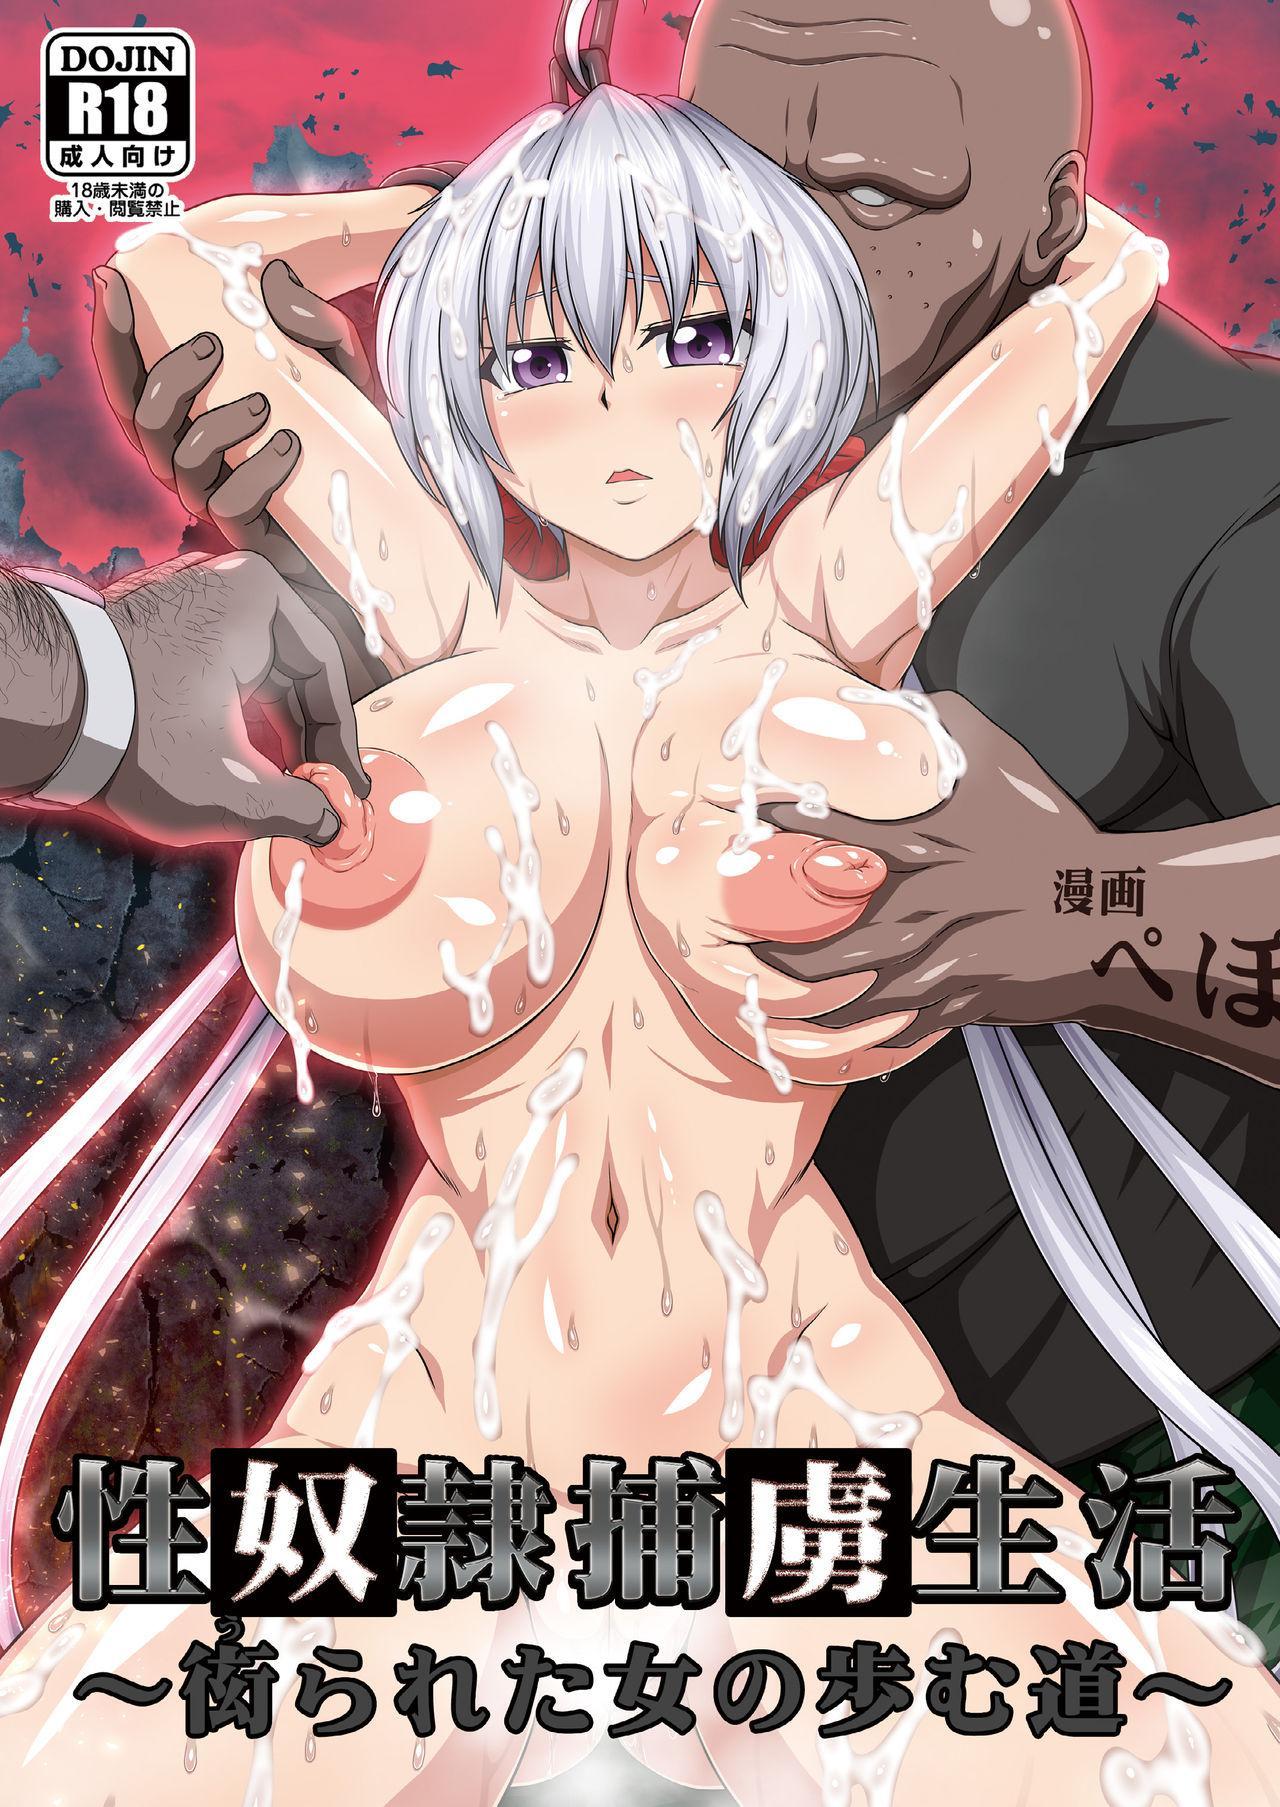 Seidorei Horyo Seikatsu 0